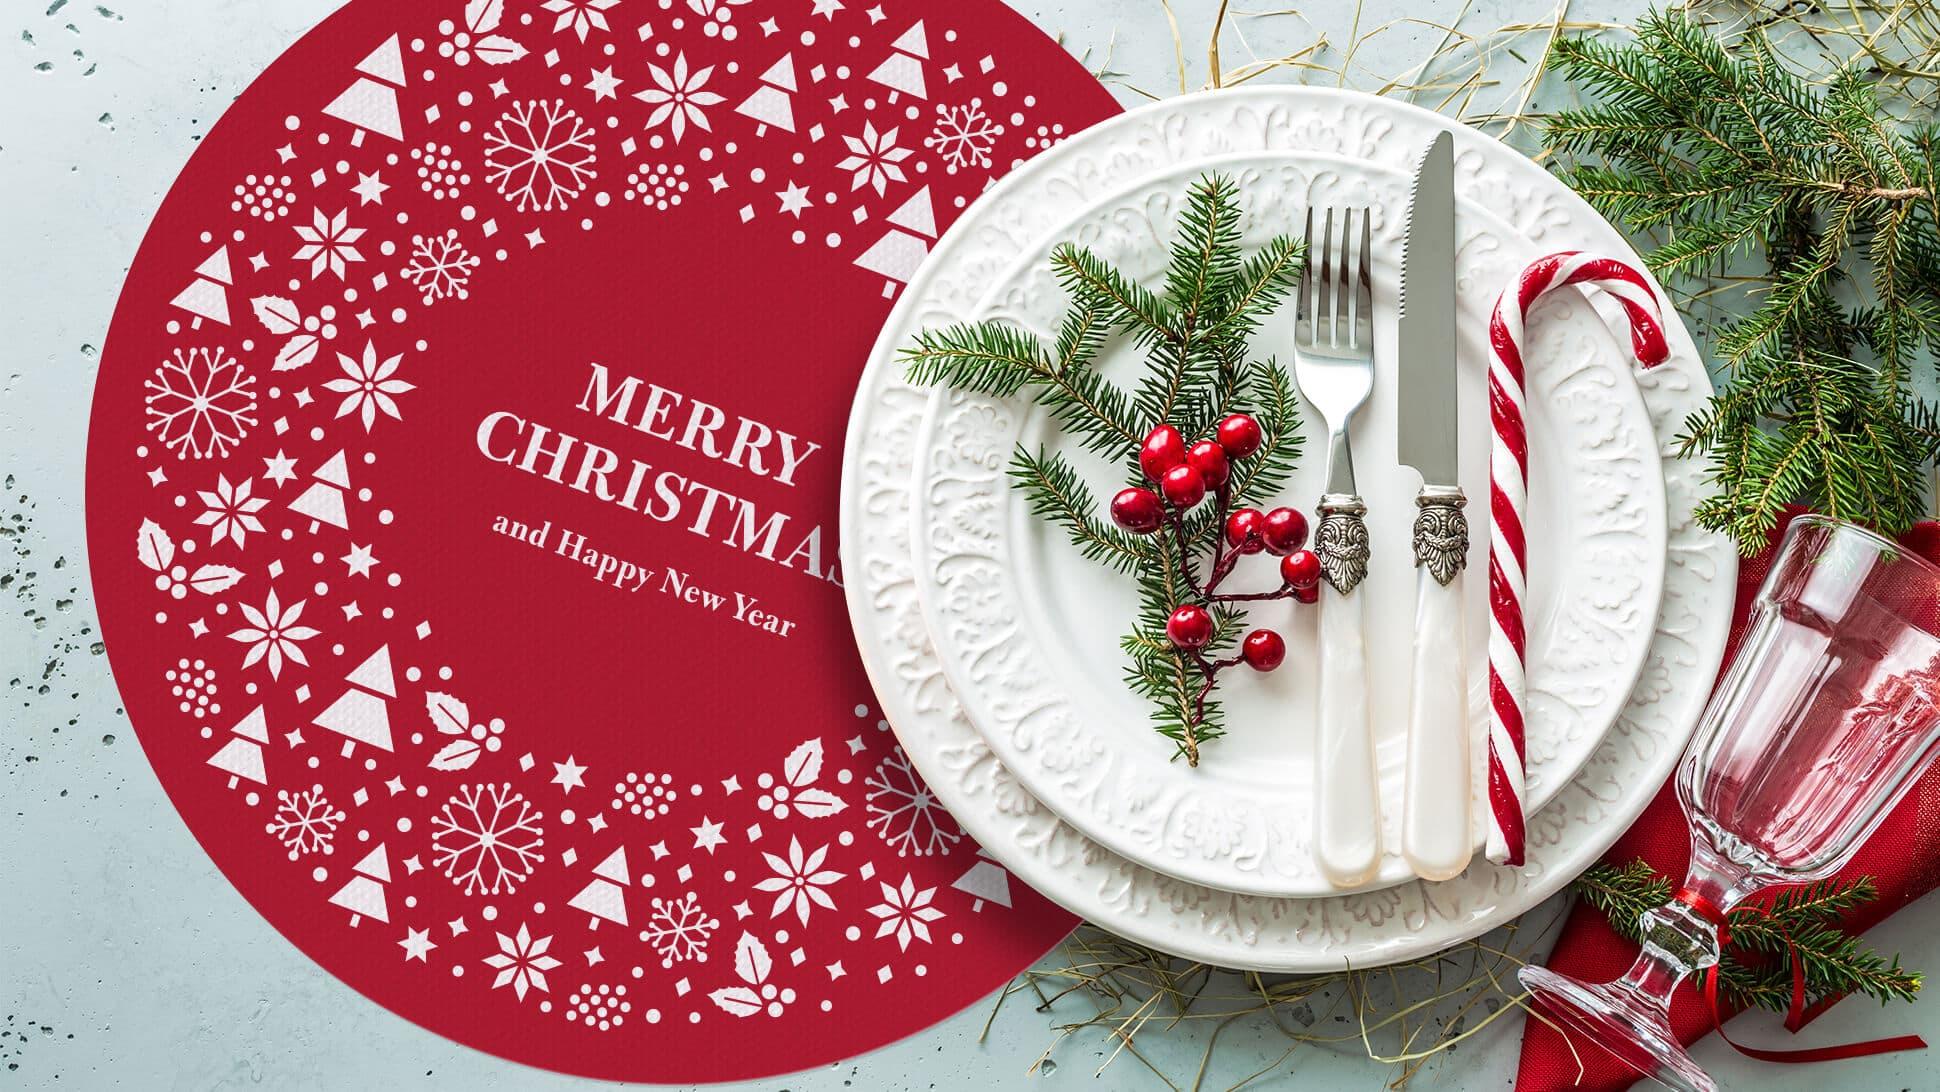 tovaglietta tonda rossa natalizia ideale per allestimento tavole | tictac.it